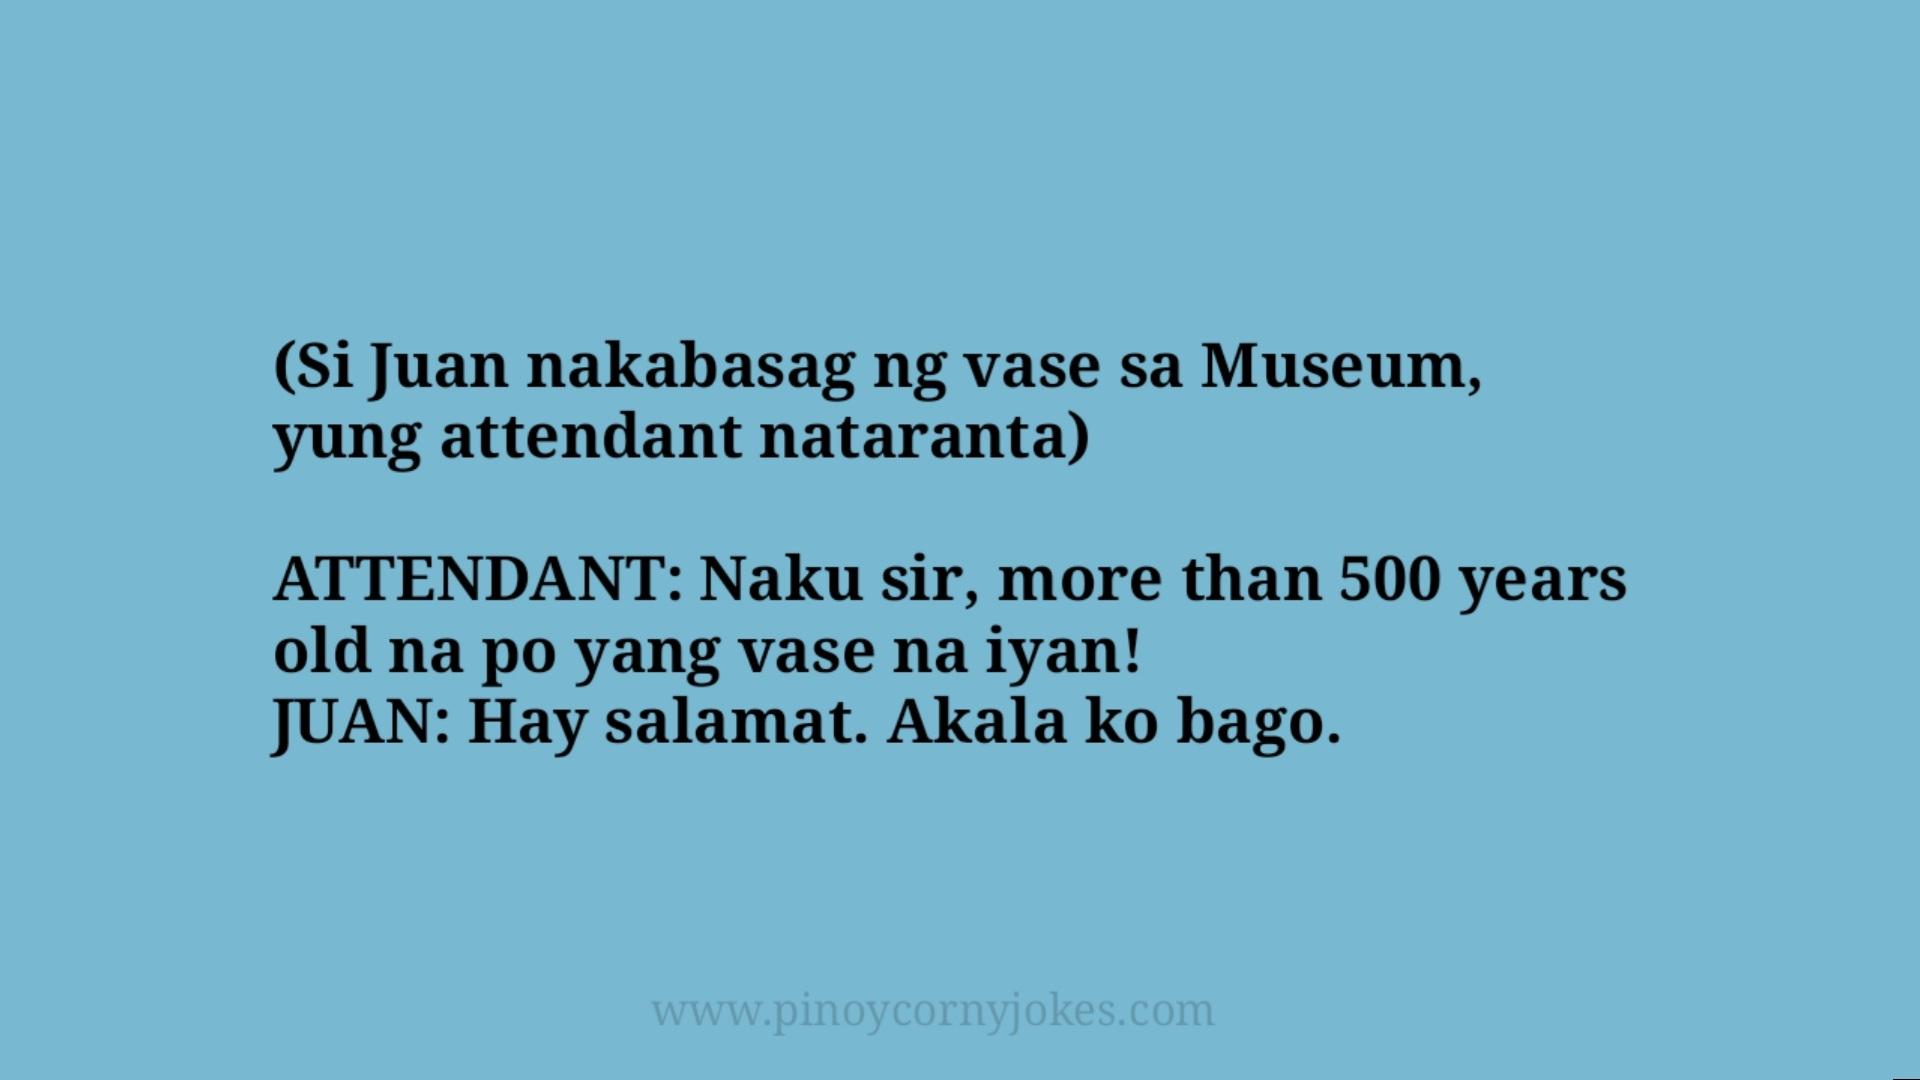 nakabasag vase bobo jokes tagalog